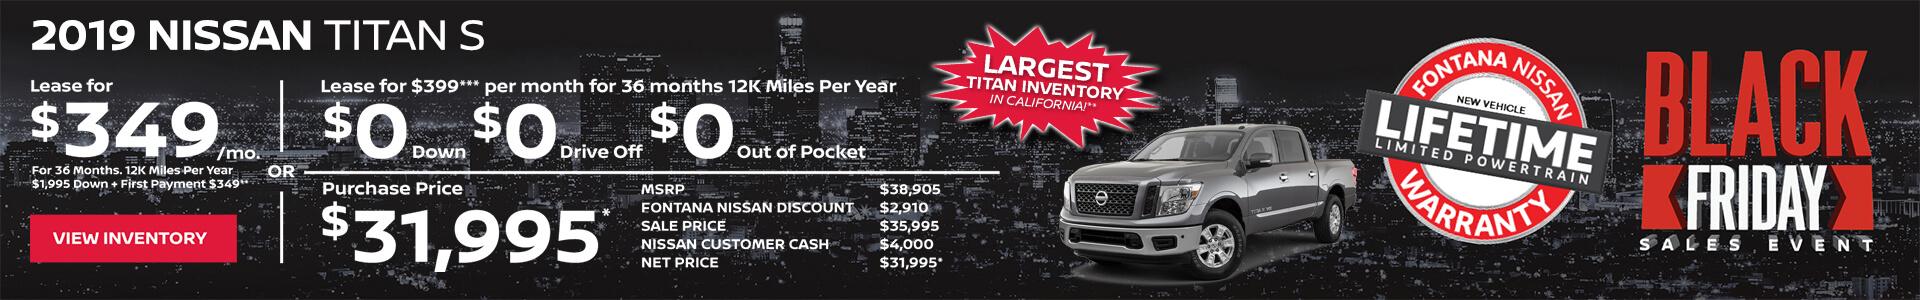 Nissan Titan $349 Lease